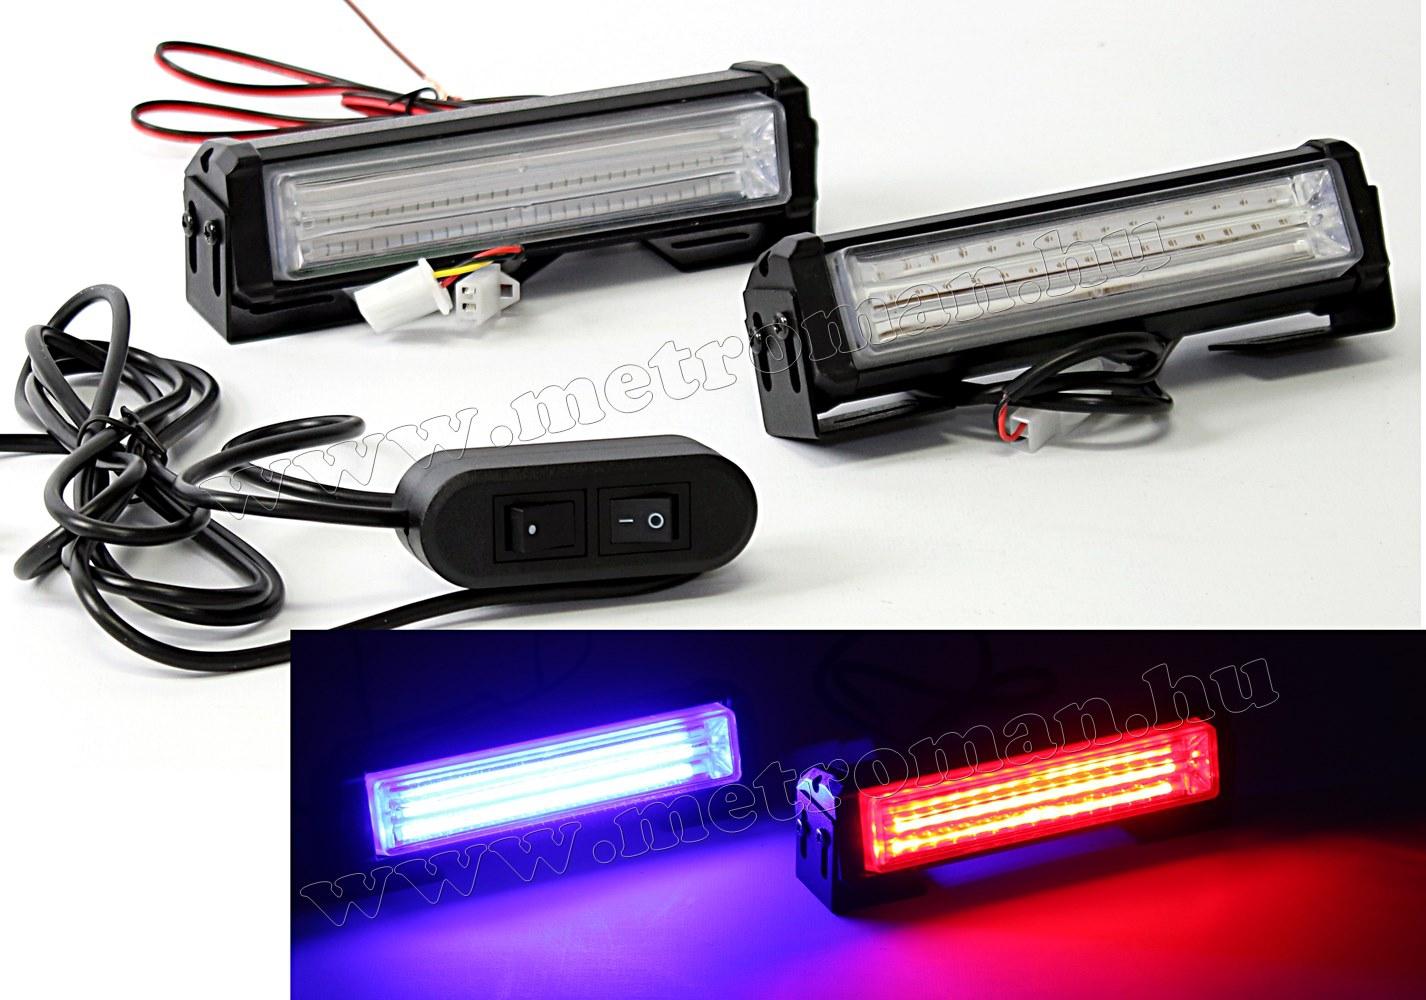 Autós Kék-Piros stroboszkóp COB LED villogó, megkülönböztető jelzés Mlogic ML1-COB/BR PRO